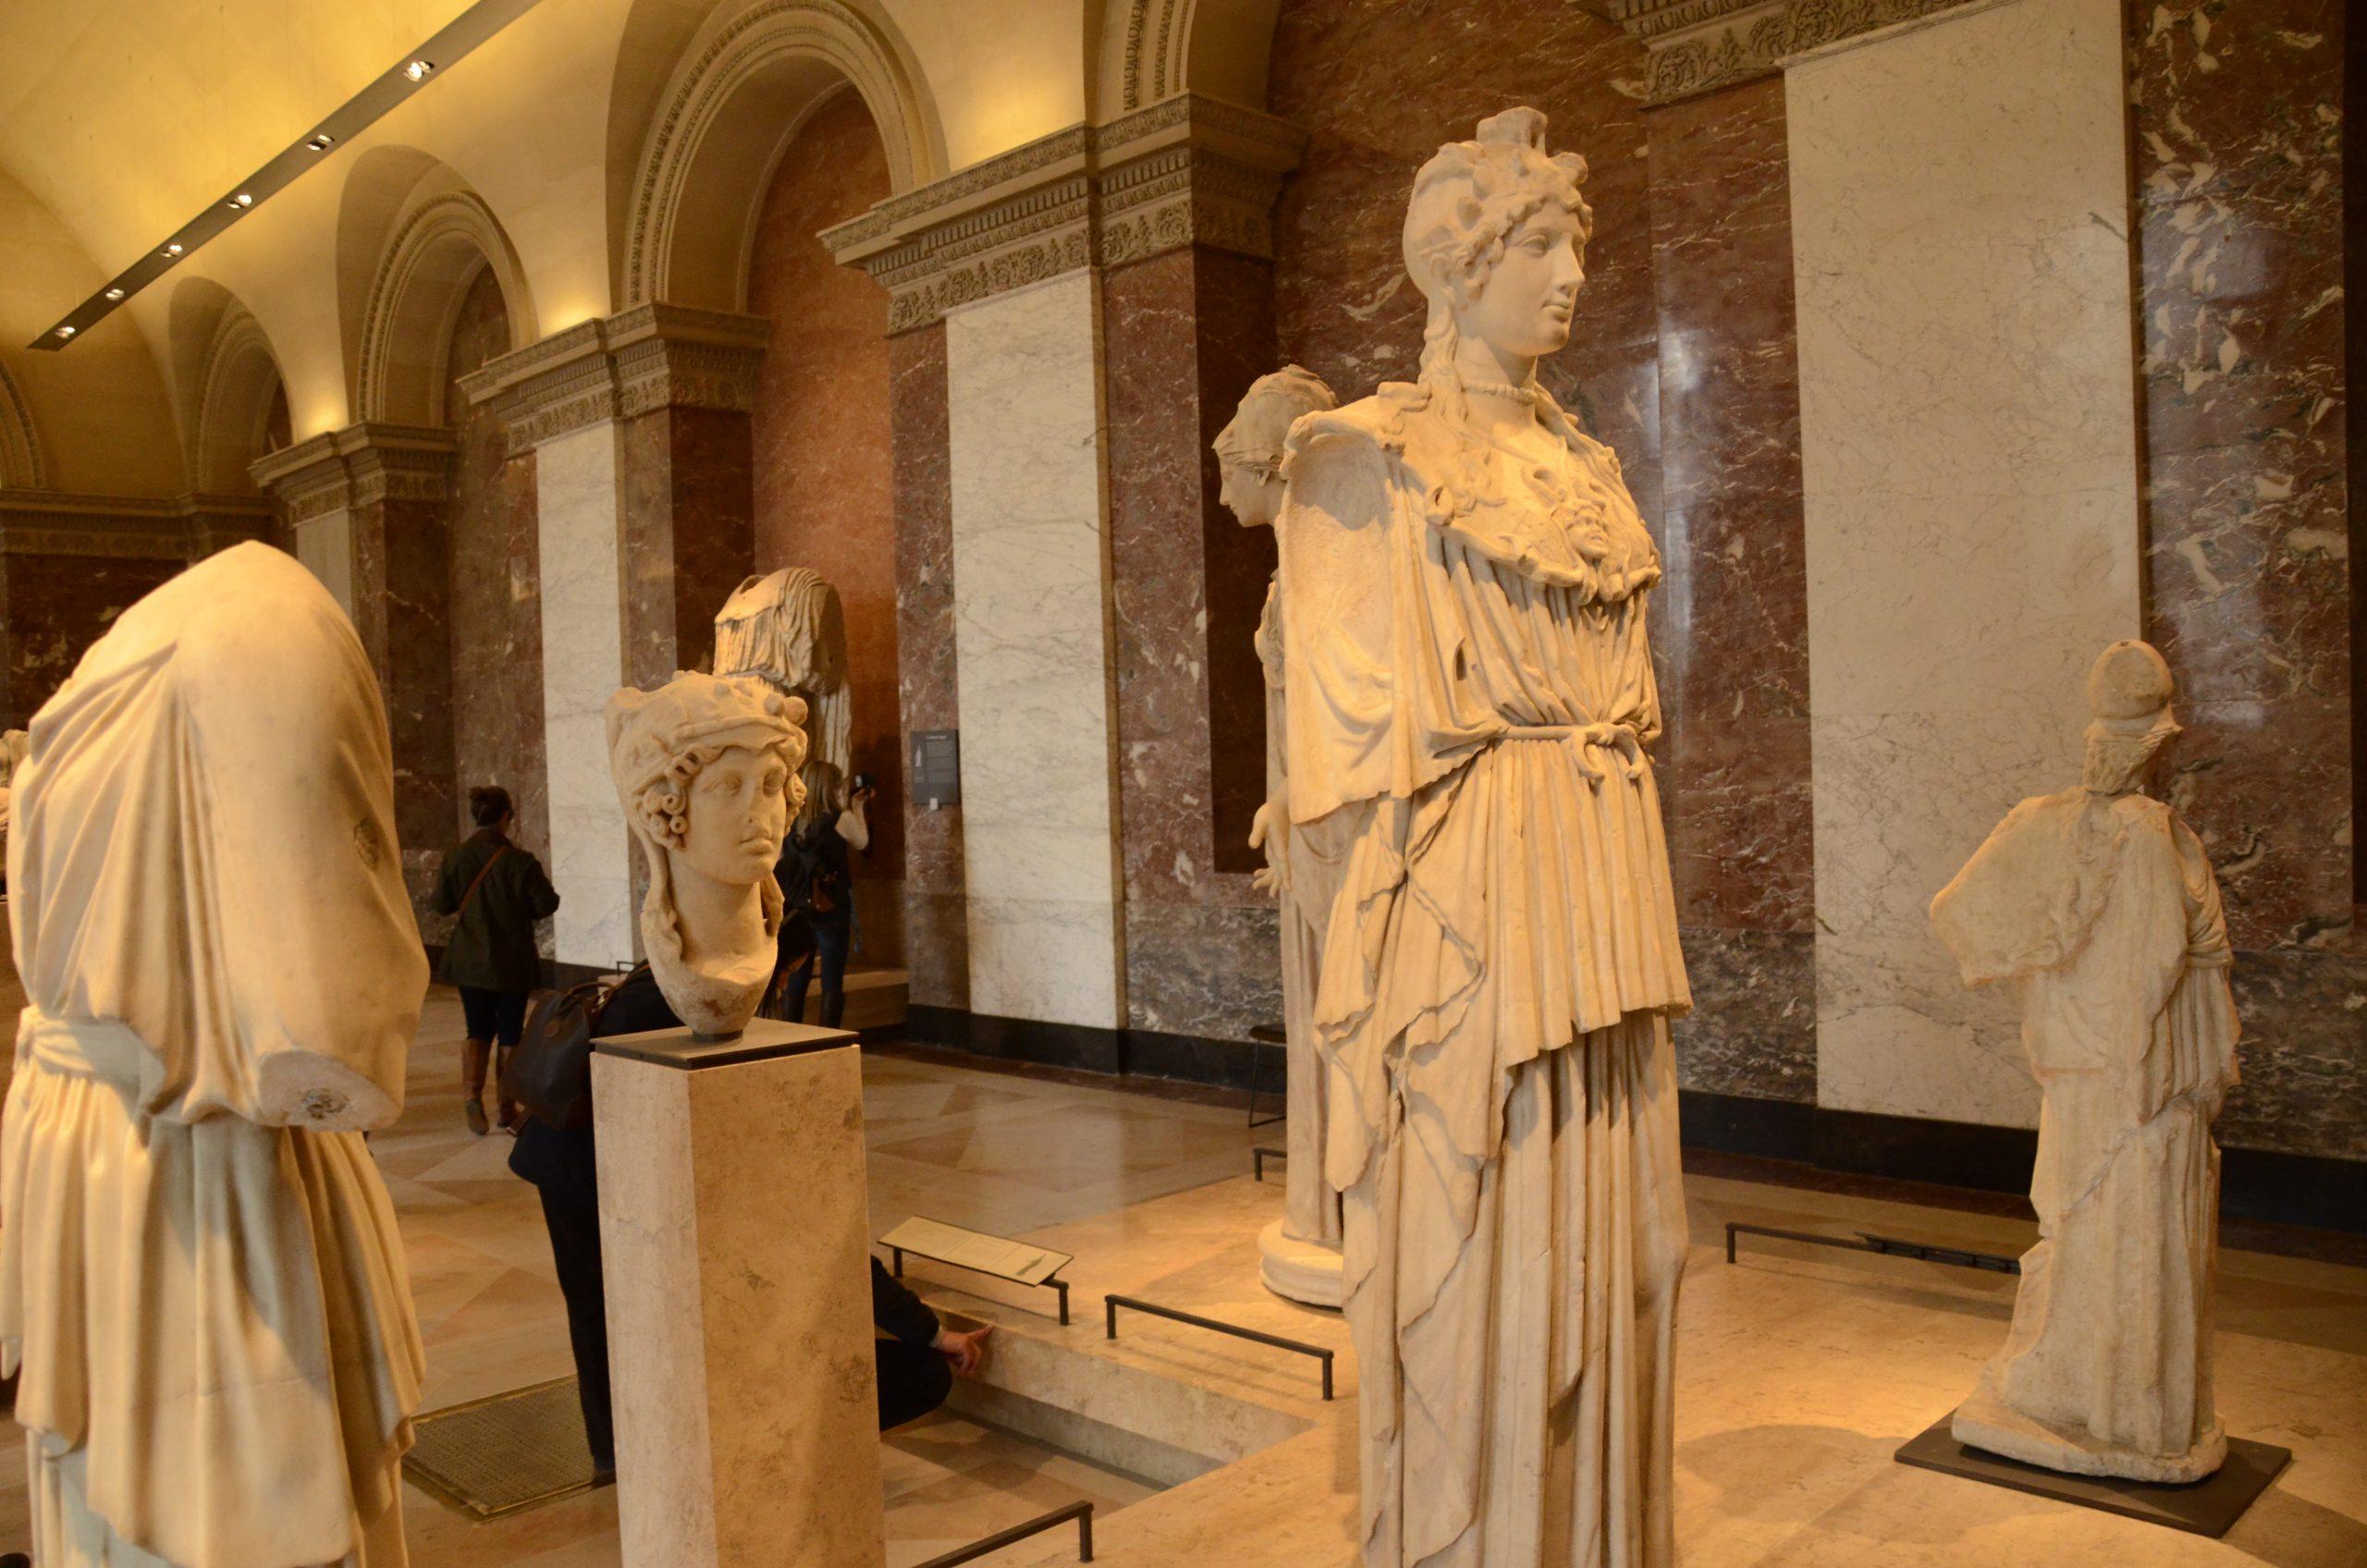 أعمال فنية داخل متحف اللوفر